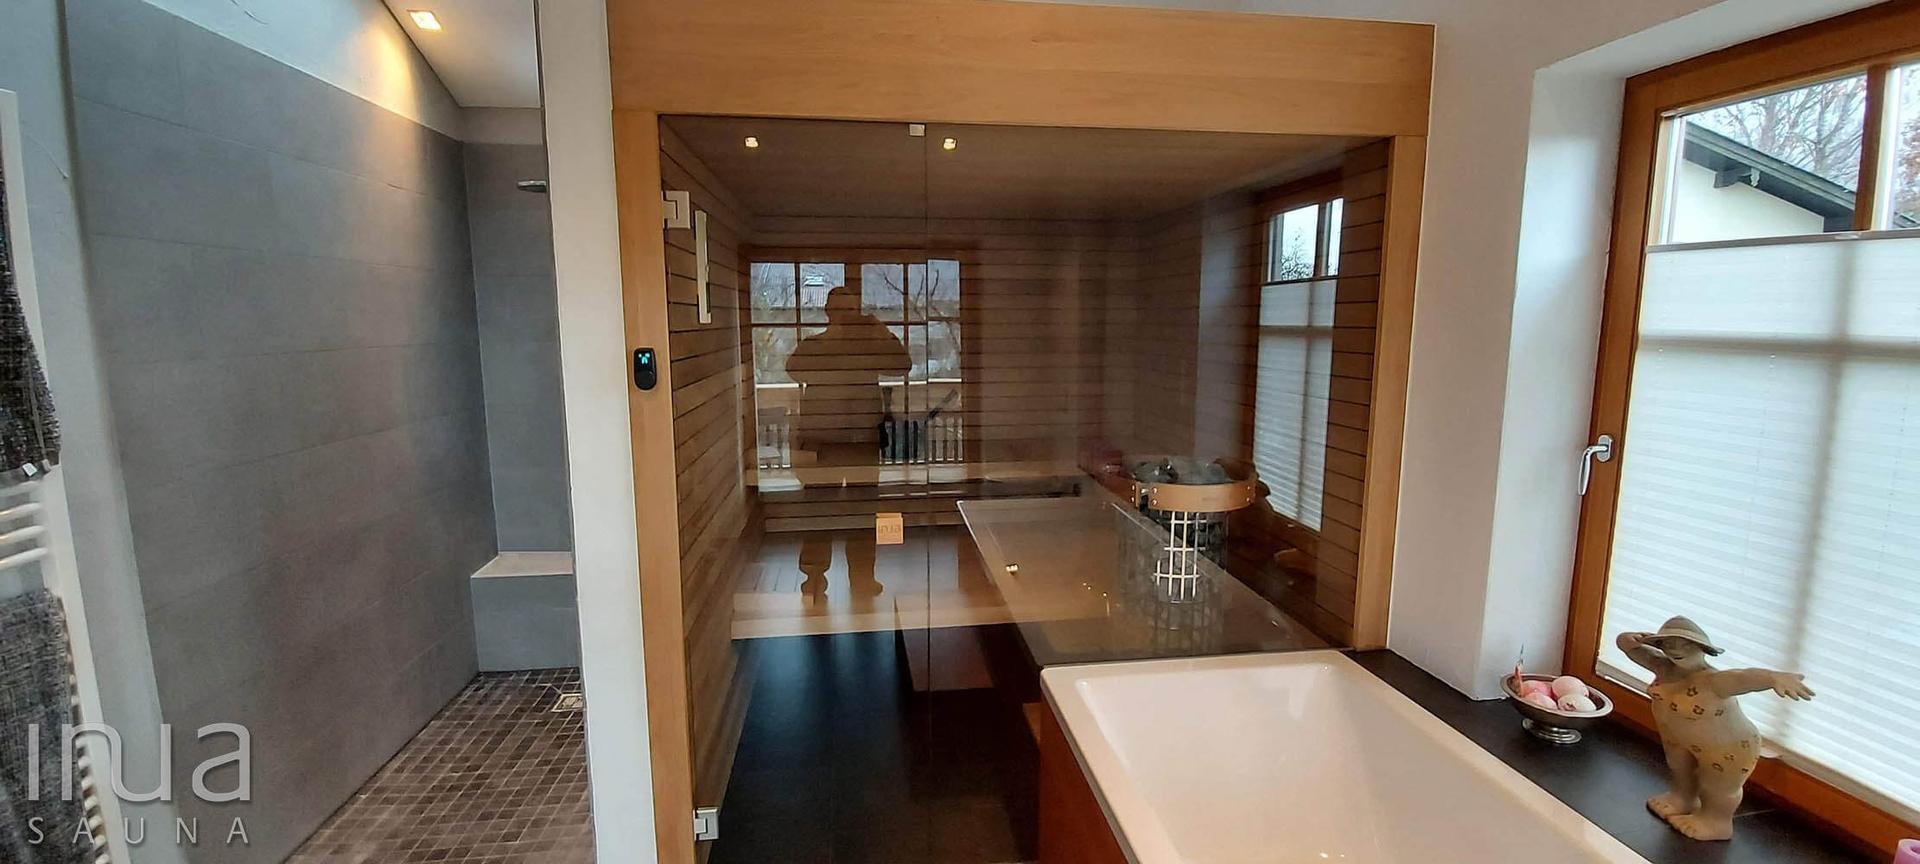 A szauna belső borítása thermowood nyár faanyag, Inua panelrendszer kivitelben.